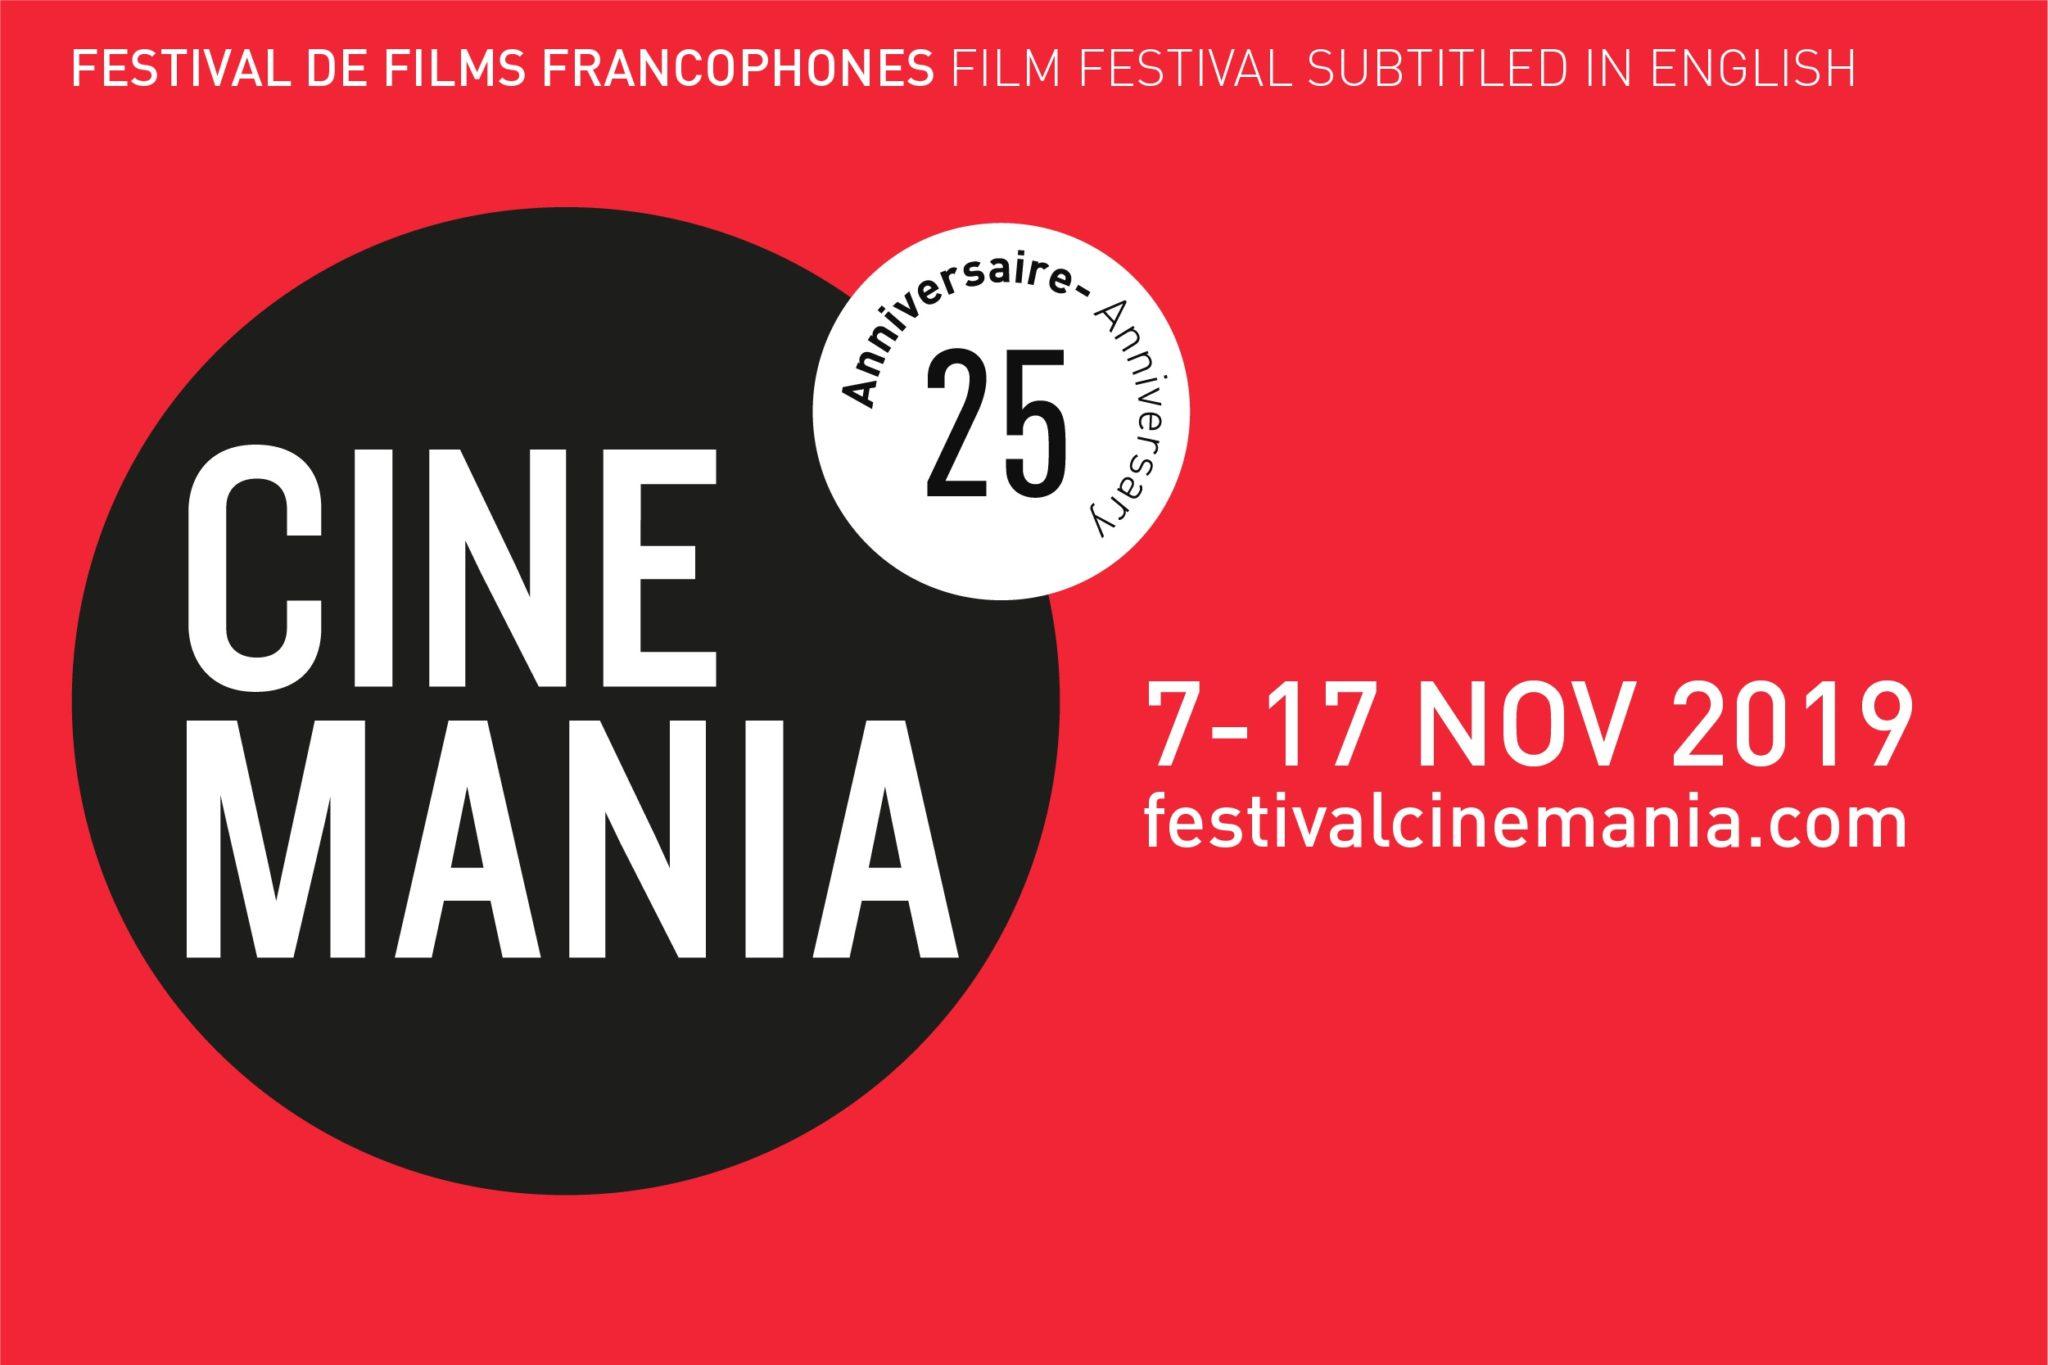 La 25e édition du festival CINÉMANIA commence demain !